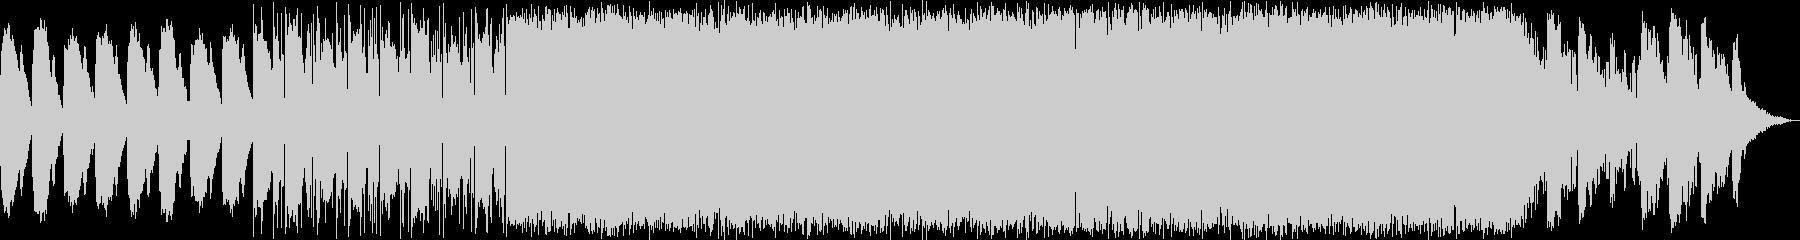 サウンドノベルをイメージする暗い曲の未再生の波形